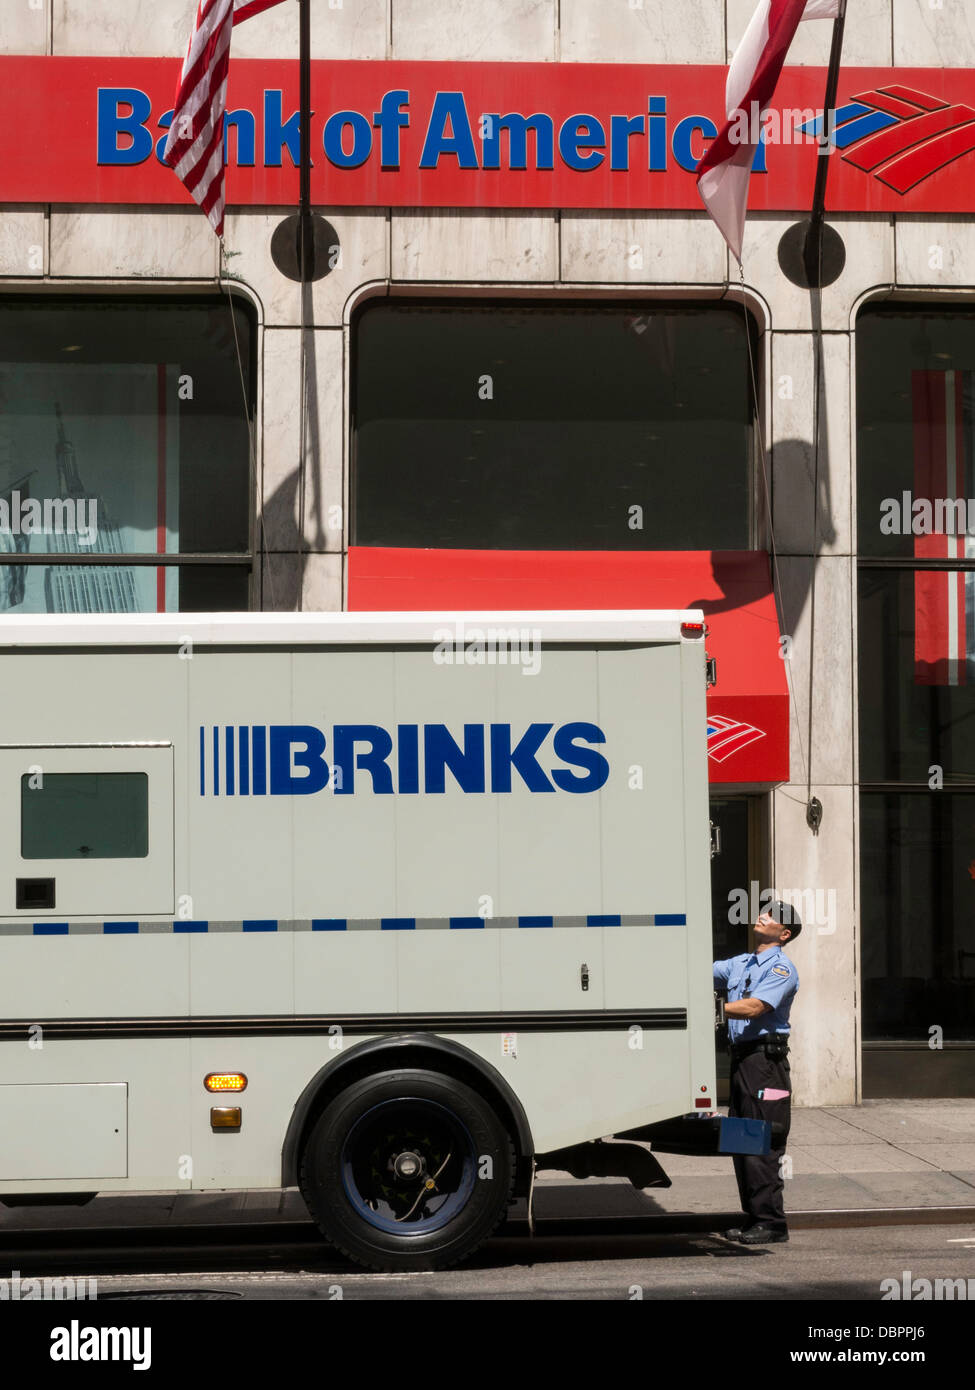 Nearest Security Service Bank